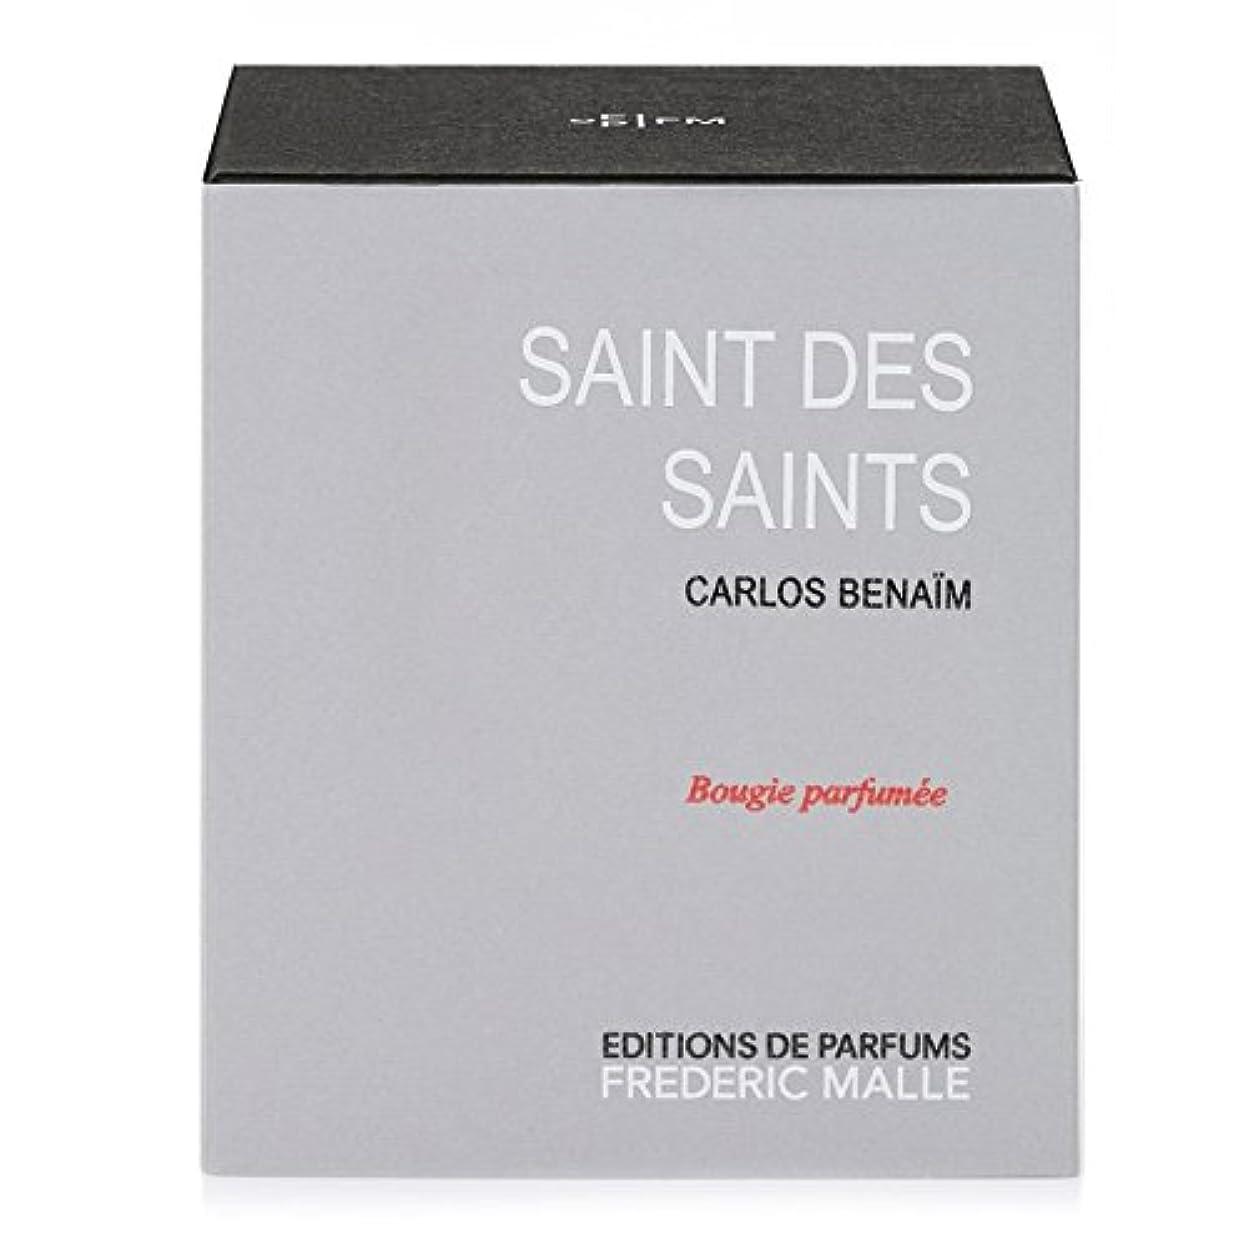 ホームレス出撃者解明するフレデリック?マル聖人デ聖人の香りのキャンドル220グラム x6 - Frederic Malle Saint Des Saints Scented Candle 220g (Pack of 6) [並行輸入品]